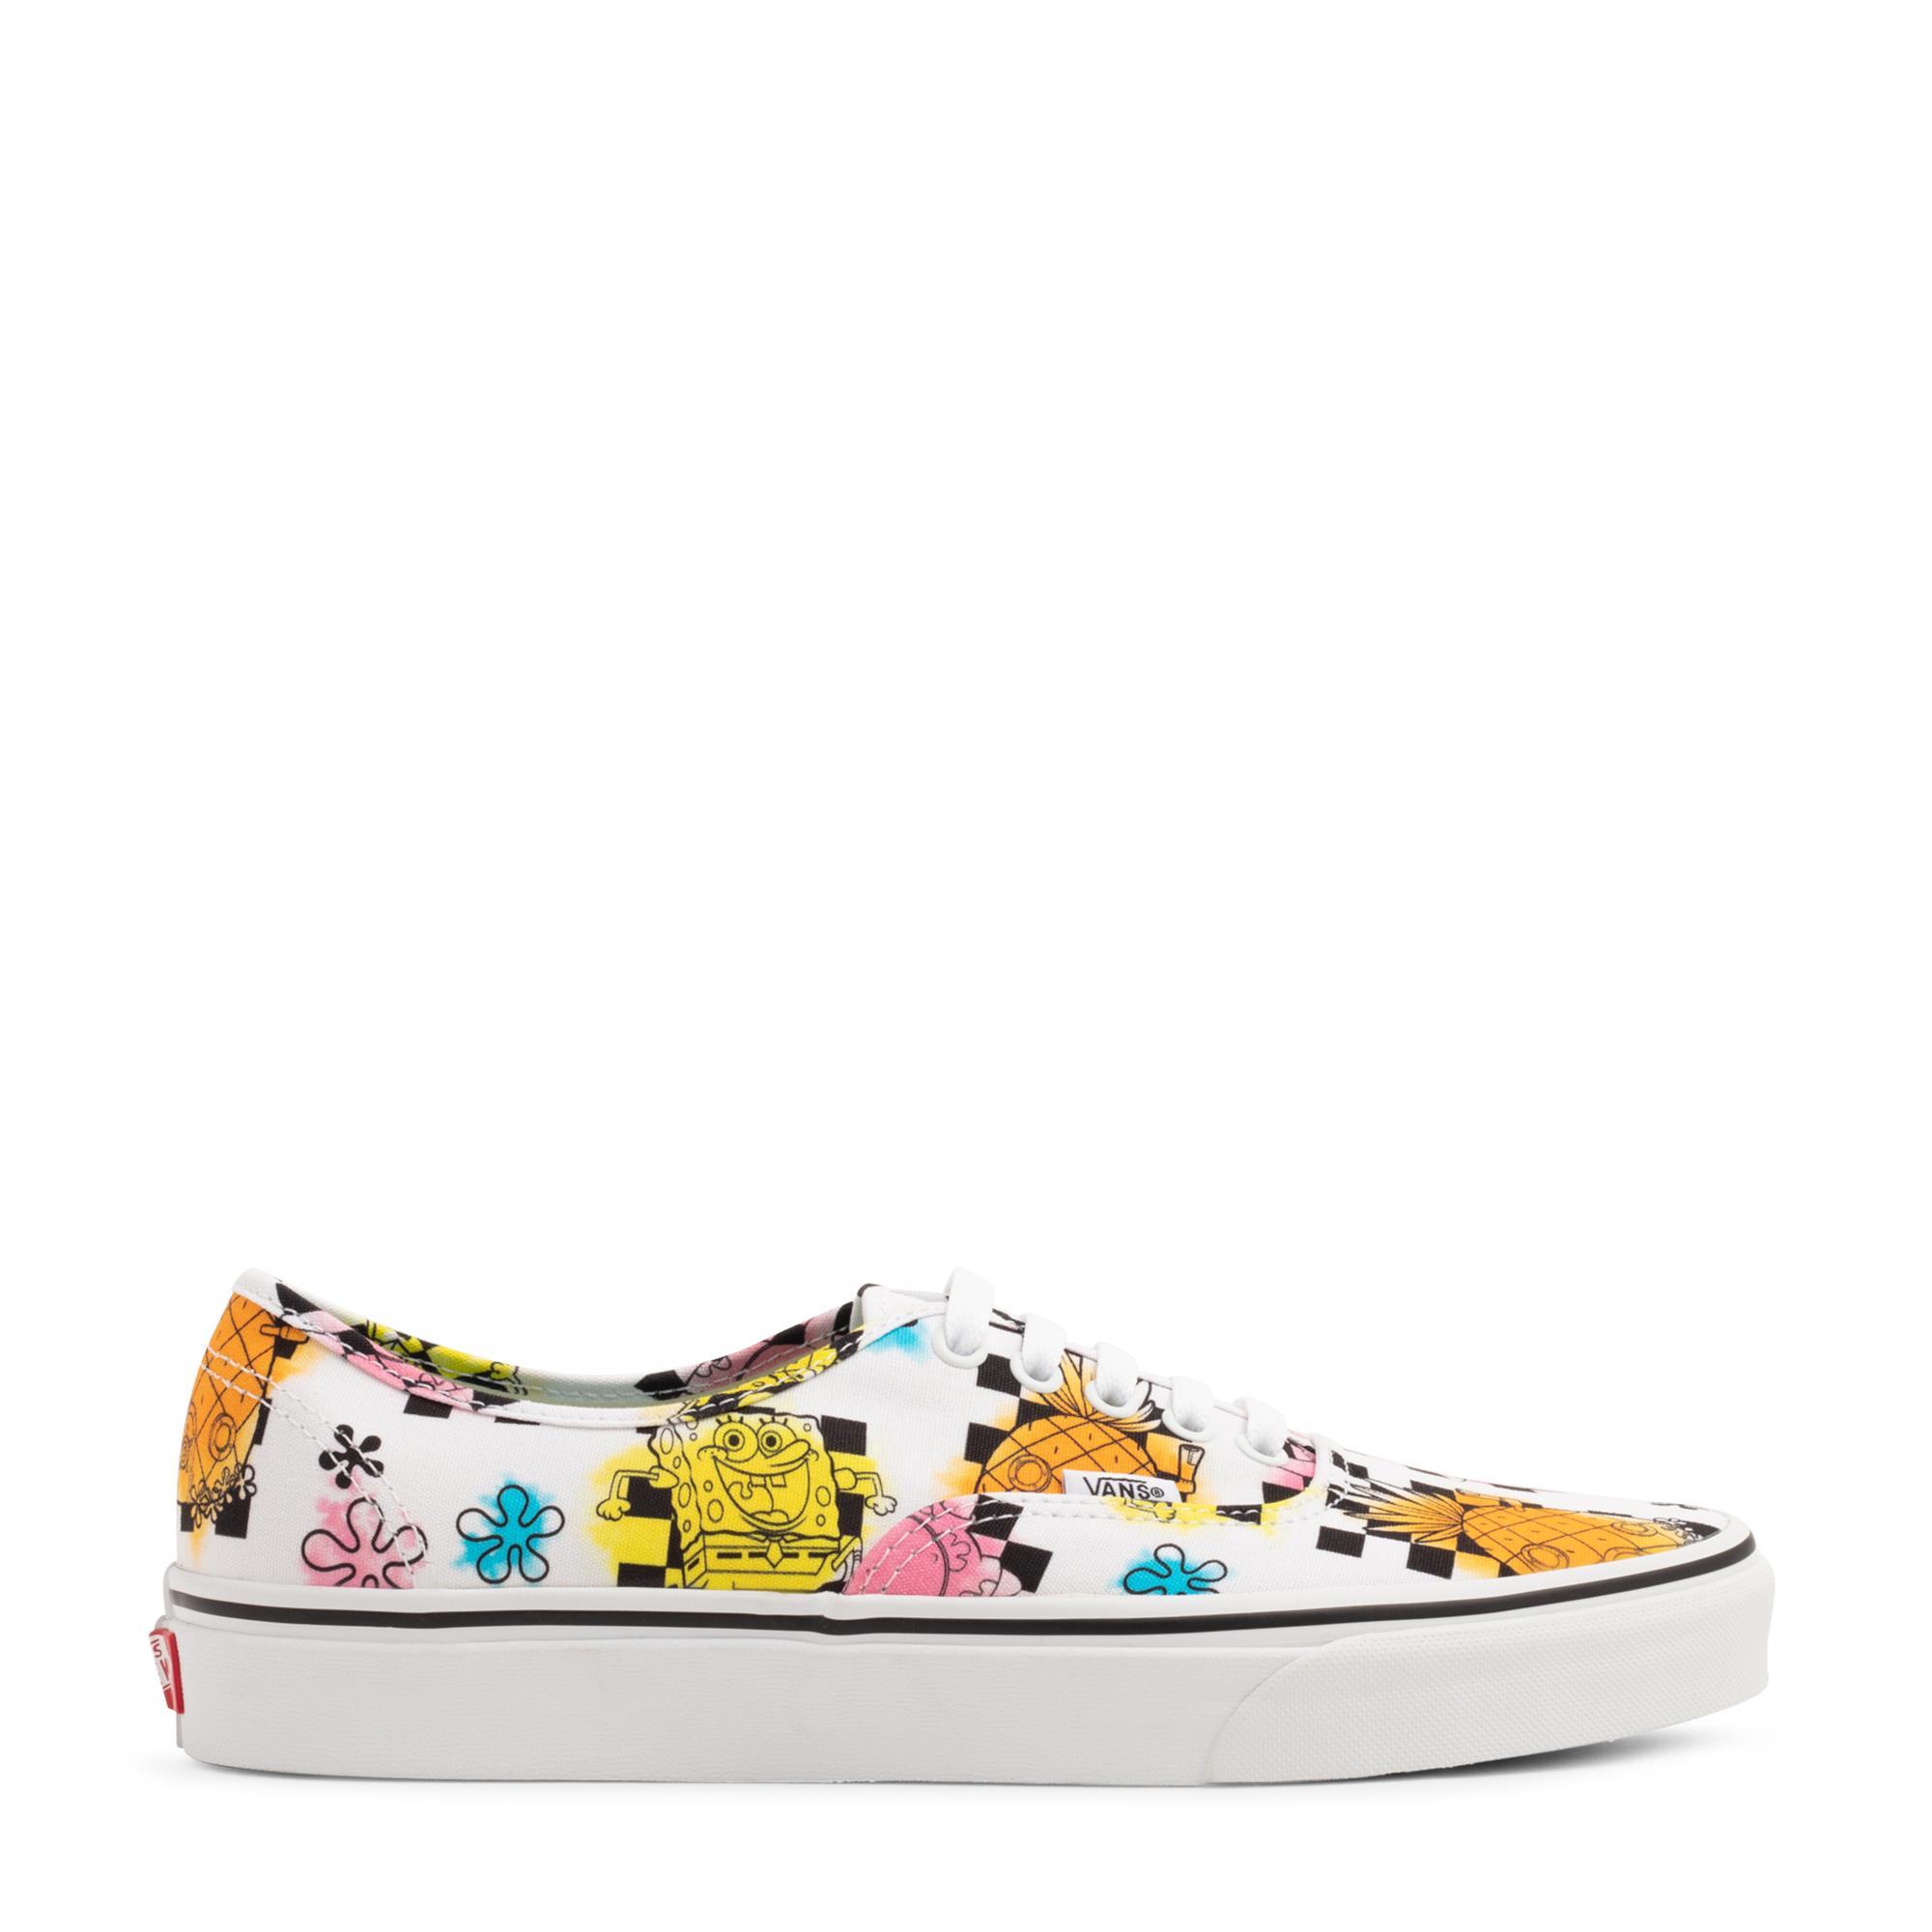 الحذاء الرياضي × سبونج بوب أوثينتيك